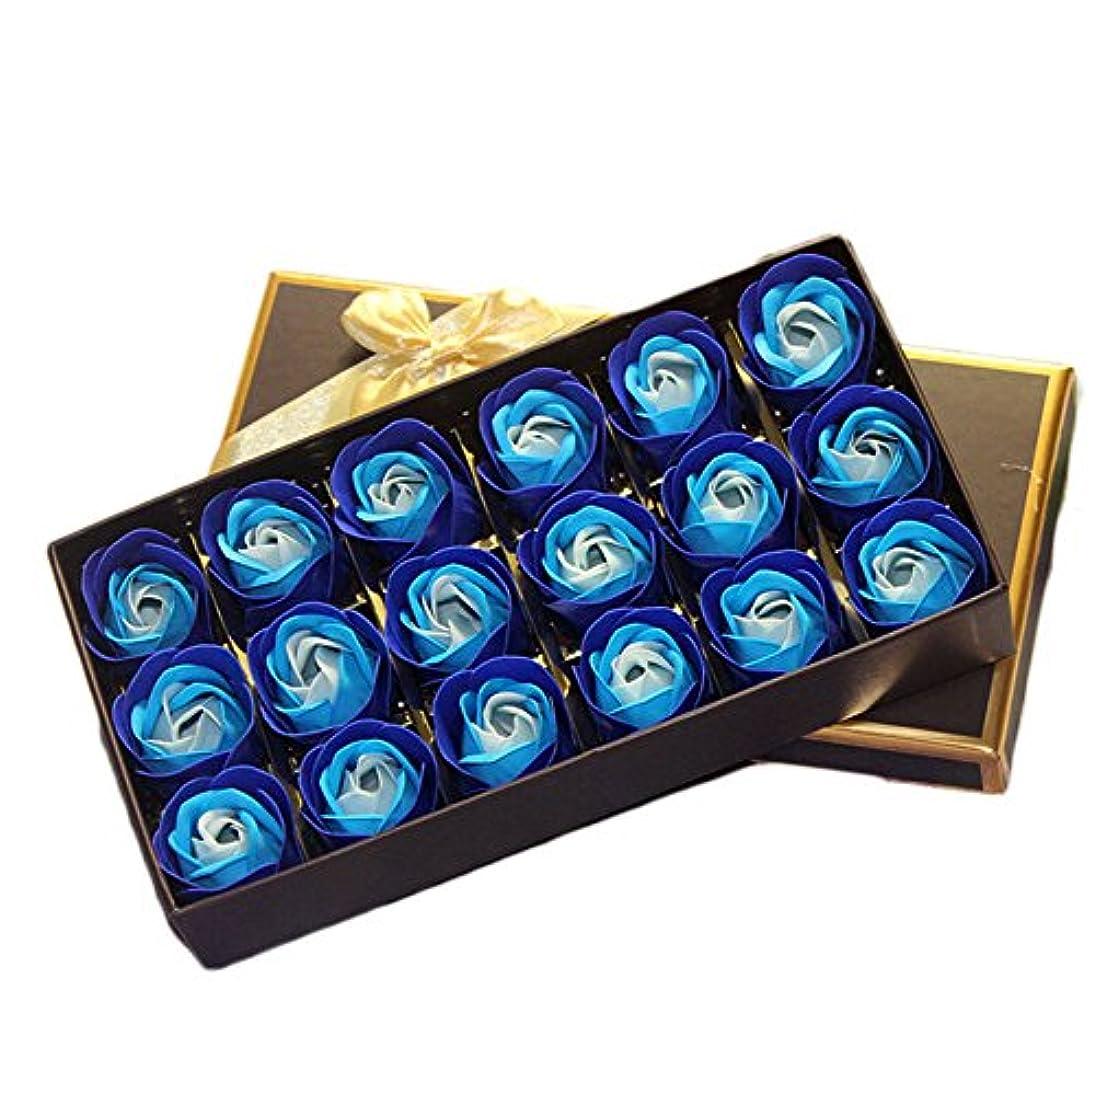 規制プレビュー富18個バラ型 フラワーソープ ギフトボックス入り 石鹸 花 バラ セット 手作り 洗う 手 お風呂 香り 贈り物 (青 1)